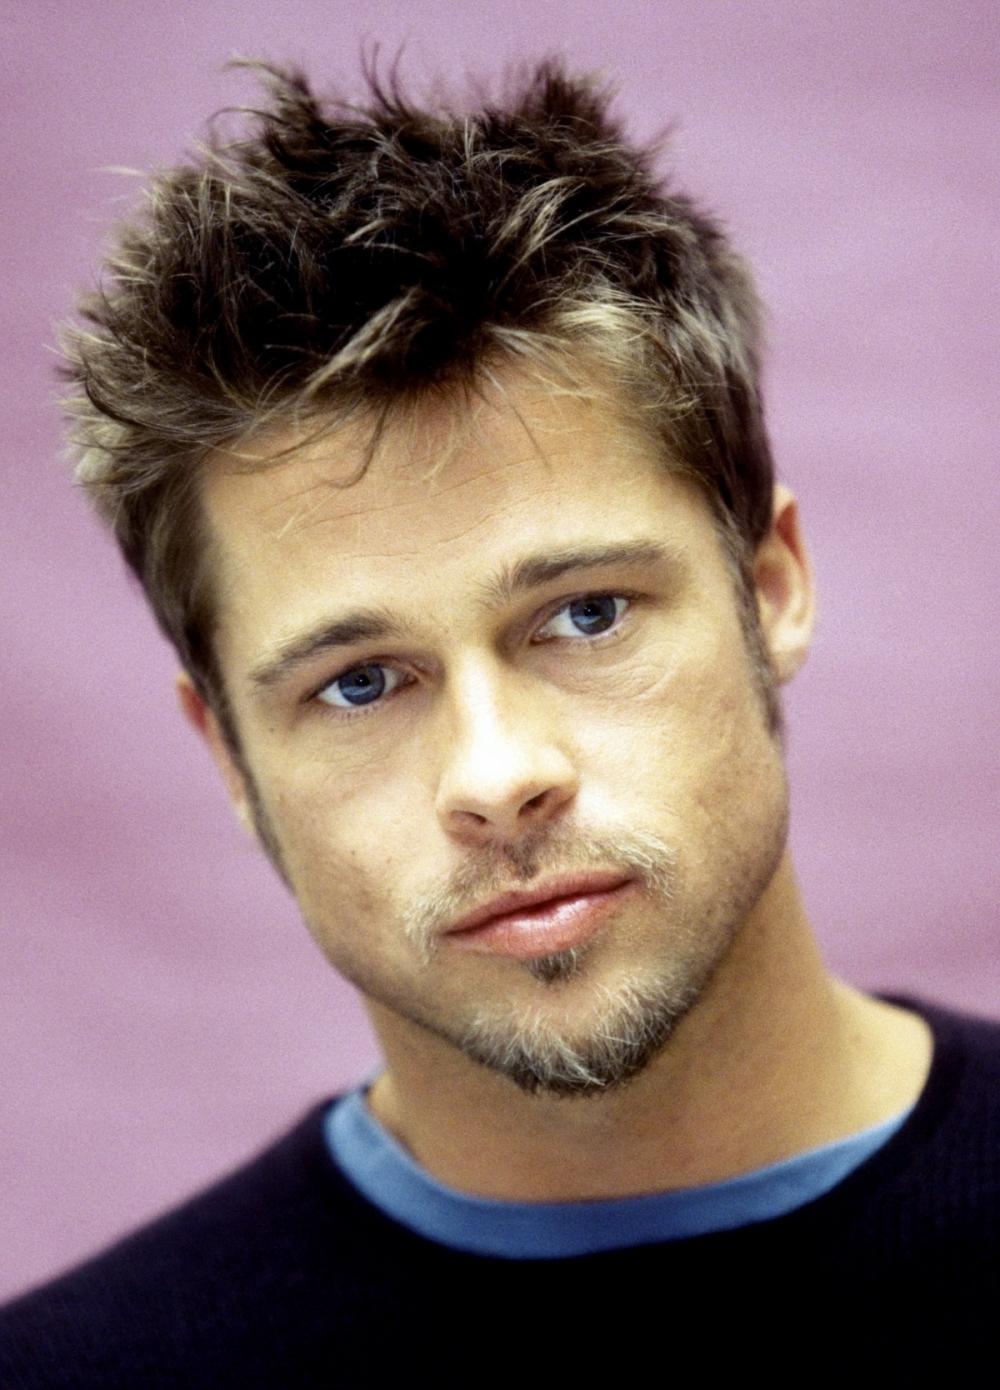 Pitt Brad Pitt Photo 10357738 Fanpop